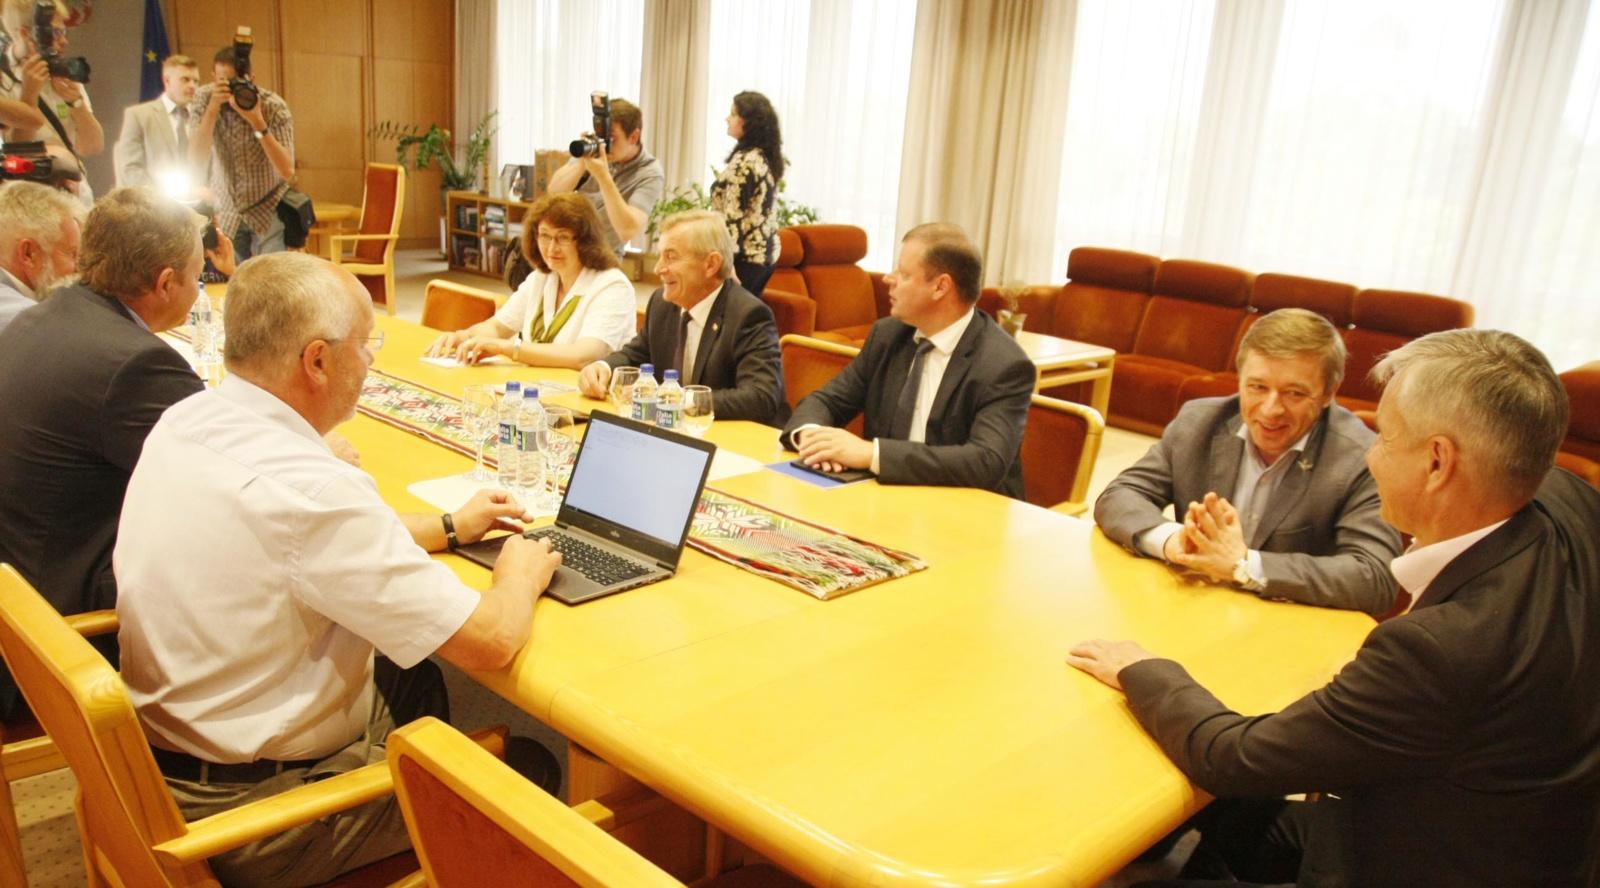 Valdantieji aptarė darbą koalicijoje ir galimus mokesčių pakeitimus